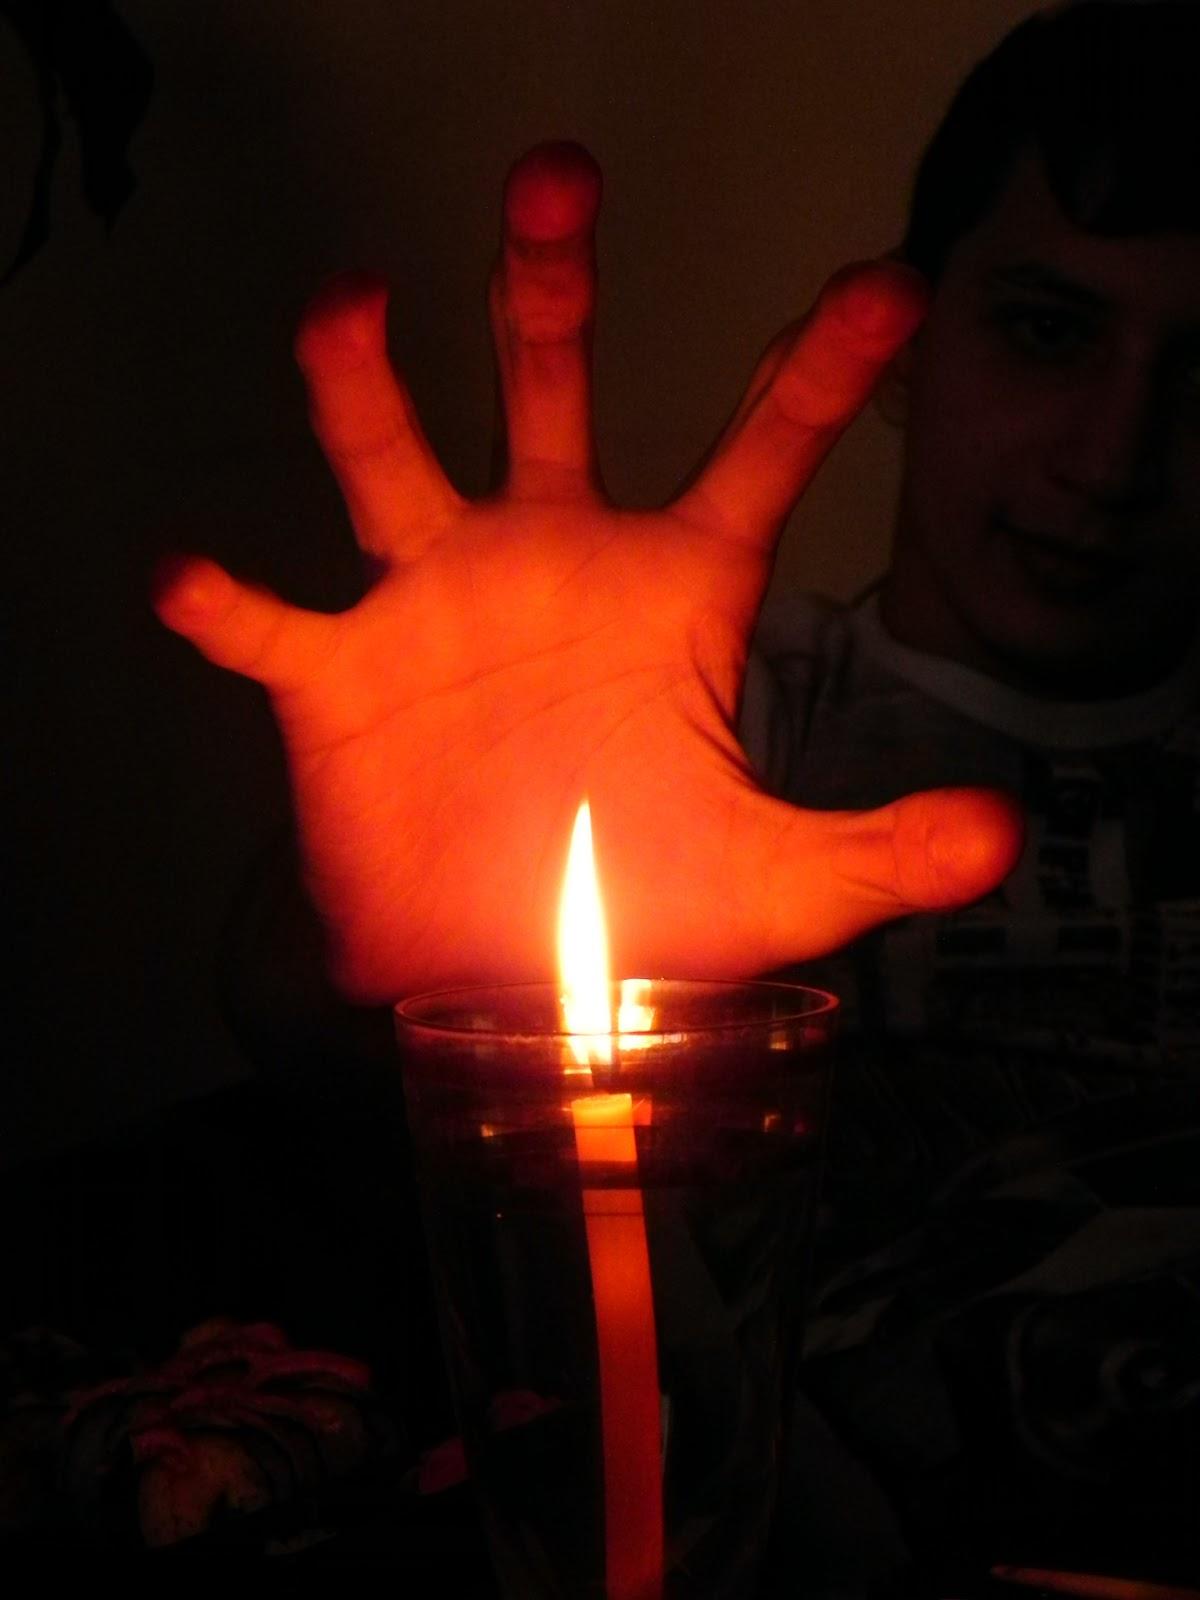 Как узнать, кто подарил подарок в Одноклассниках - Инетфишки 98